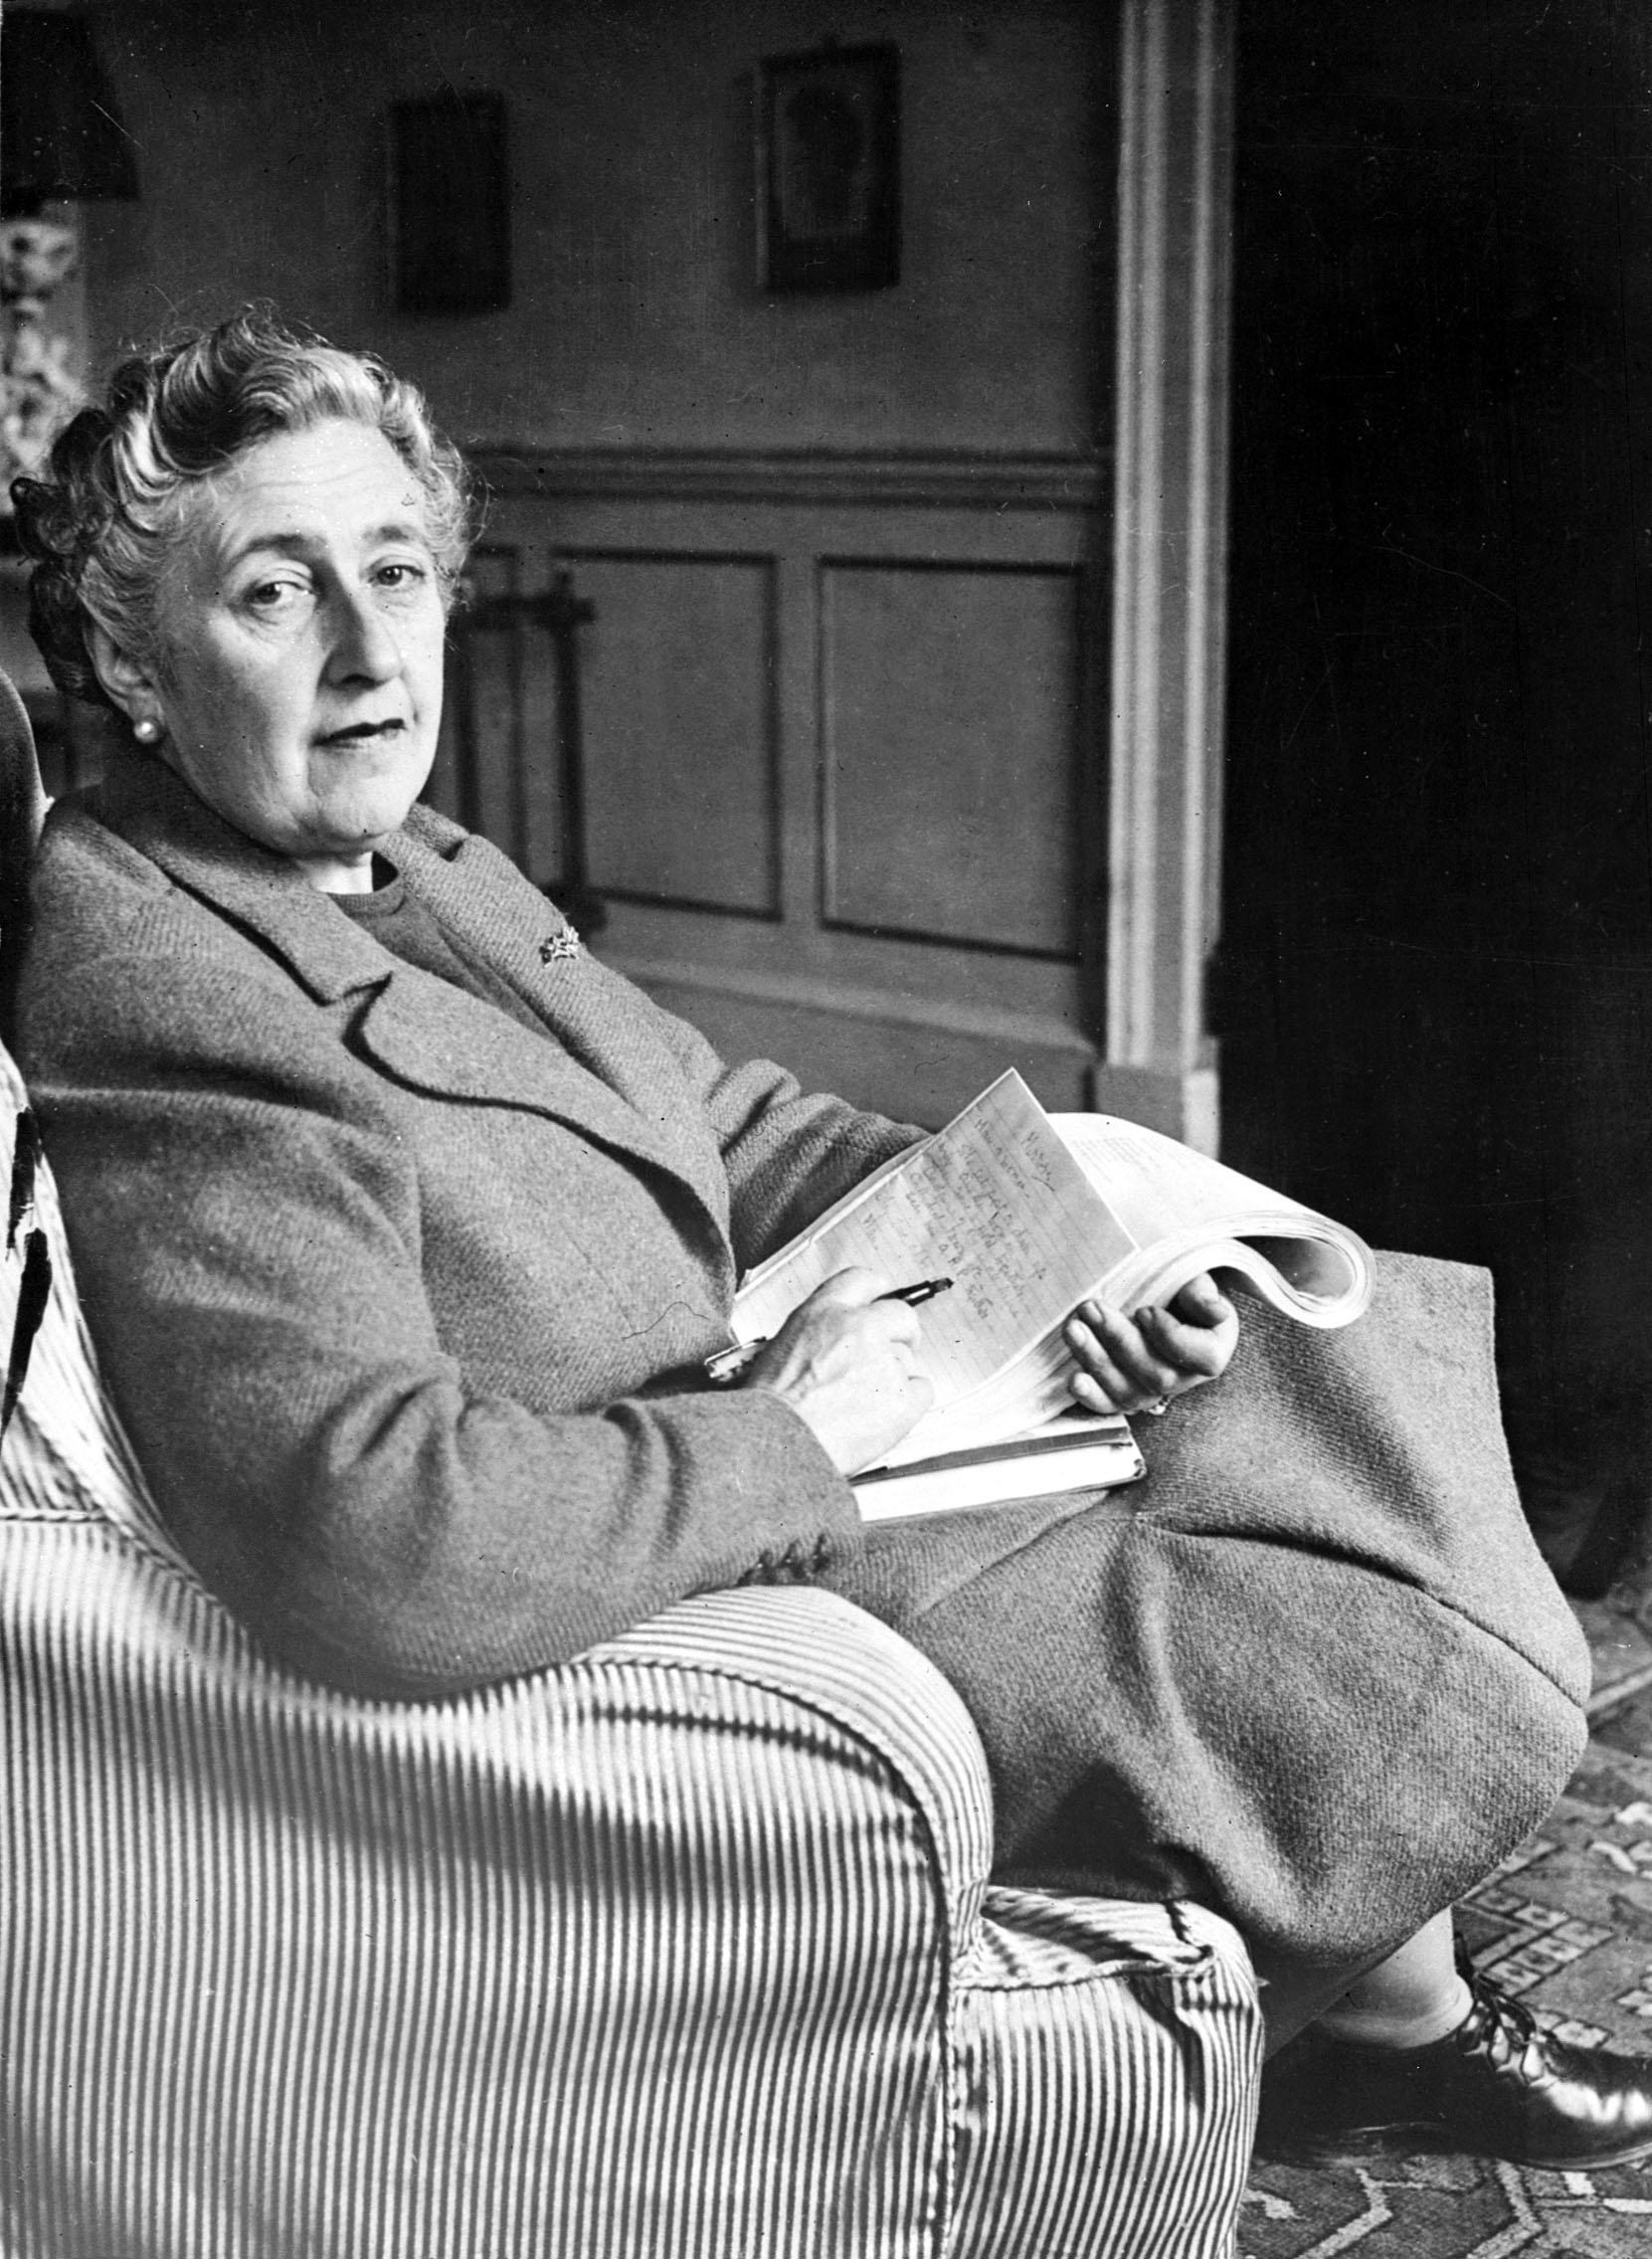 Foto tirada em março de 1946 mostra a escritora inglesa Agatha Christie, em sua casa, Greenway House, em Devonshire (Foto: AFP)